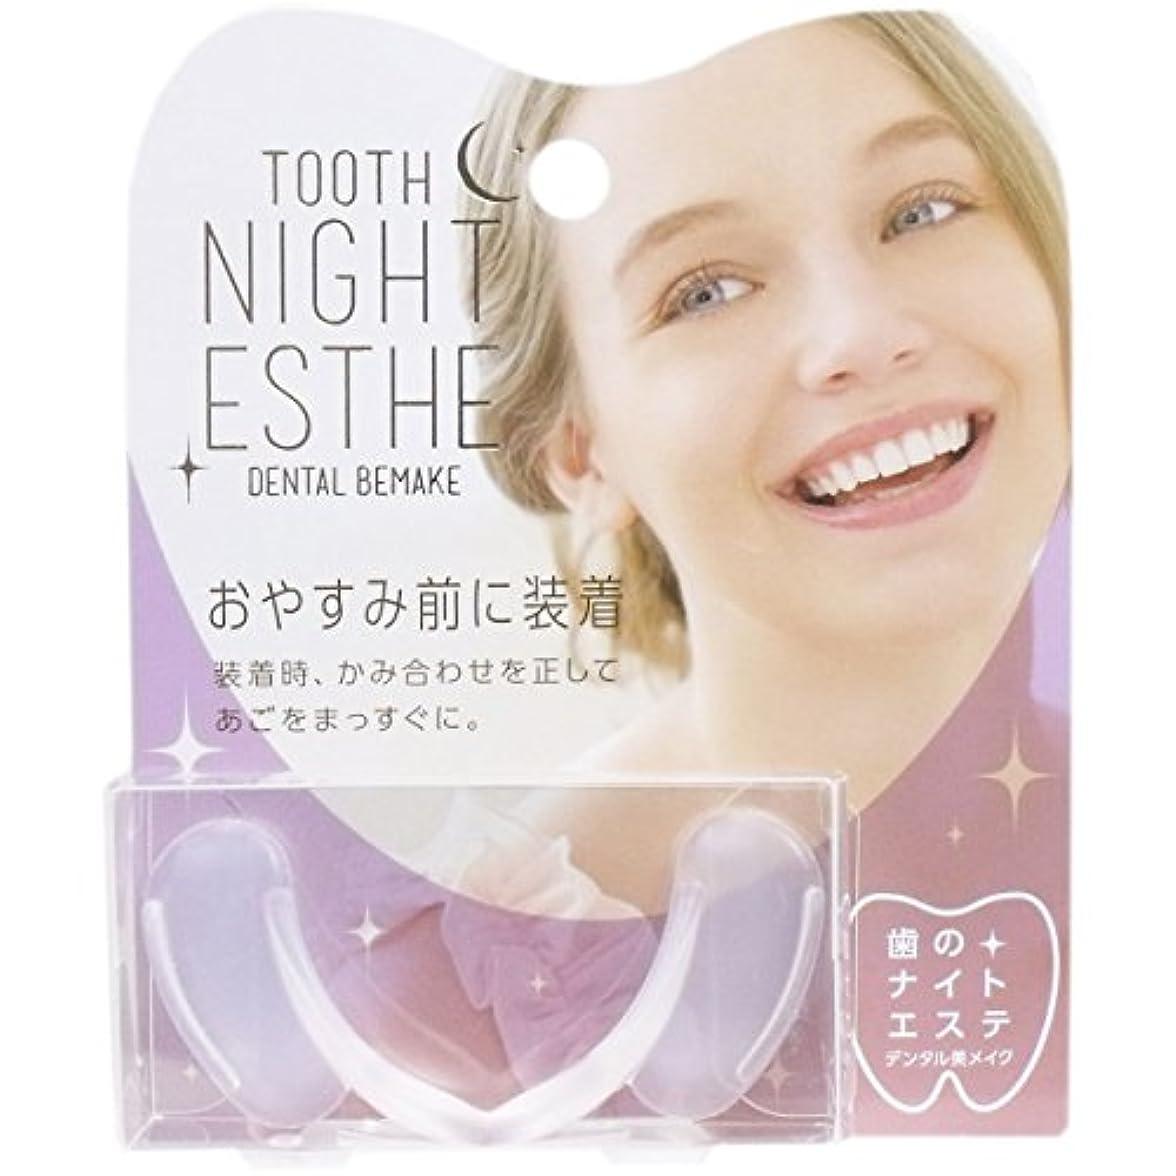 歯のナイトエステ デンタル美メイク